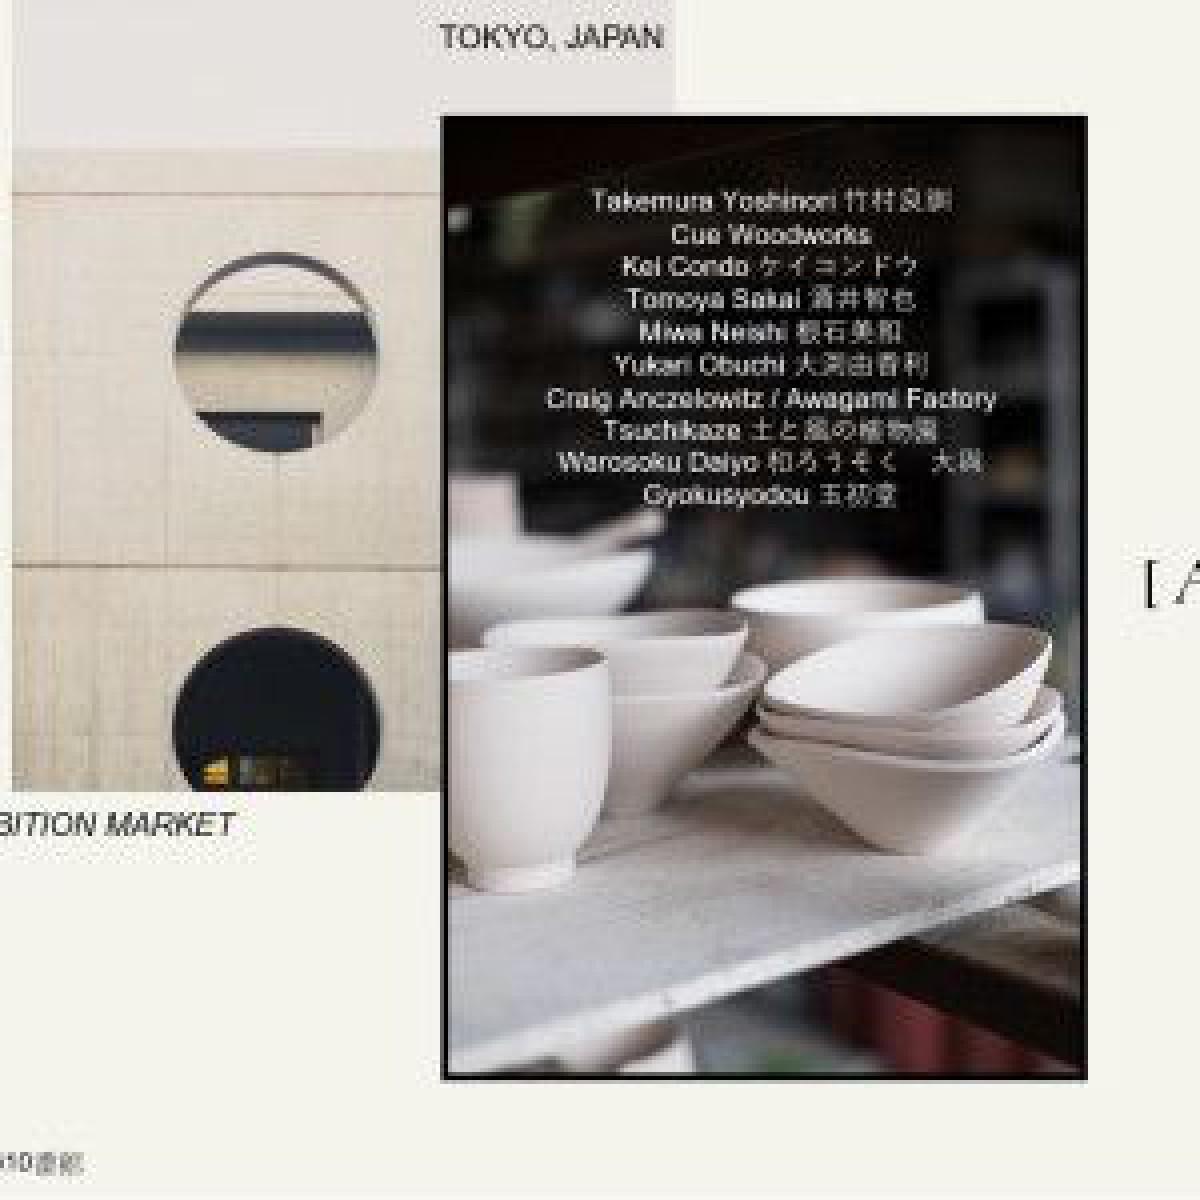 陶芸家 竹村良訓ら11人の職人による作品を展示販売 日本発スキンケア「DAMDAM」が表参道でイベント開催